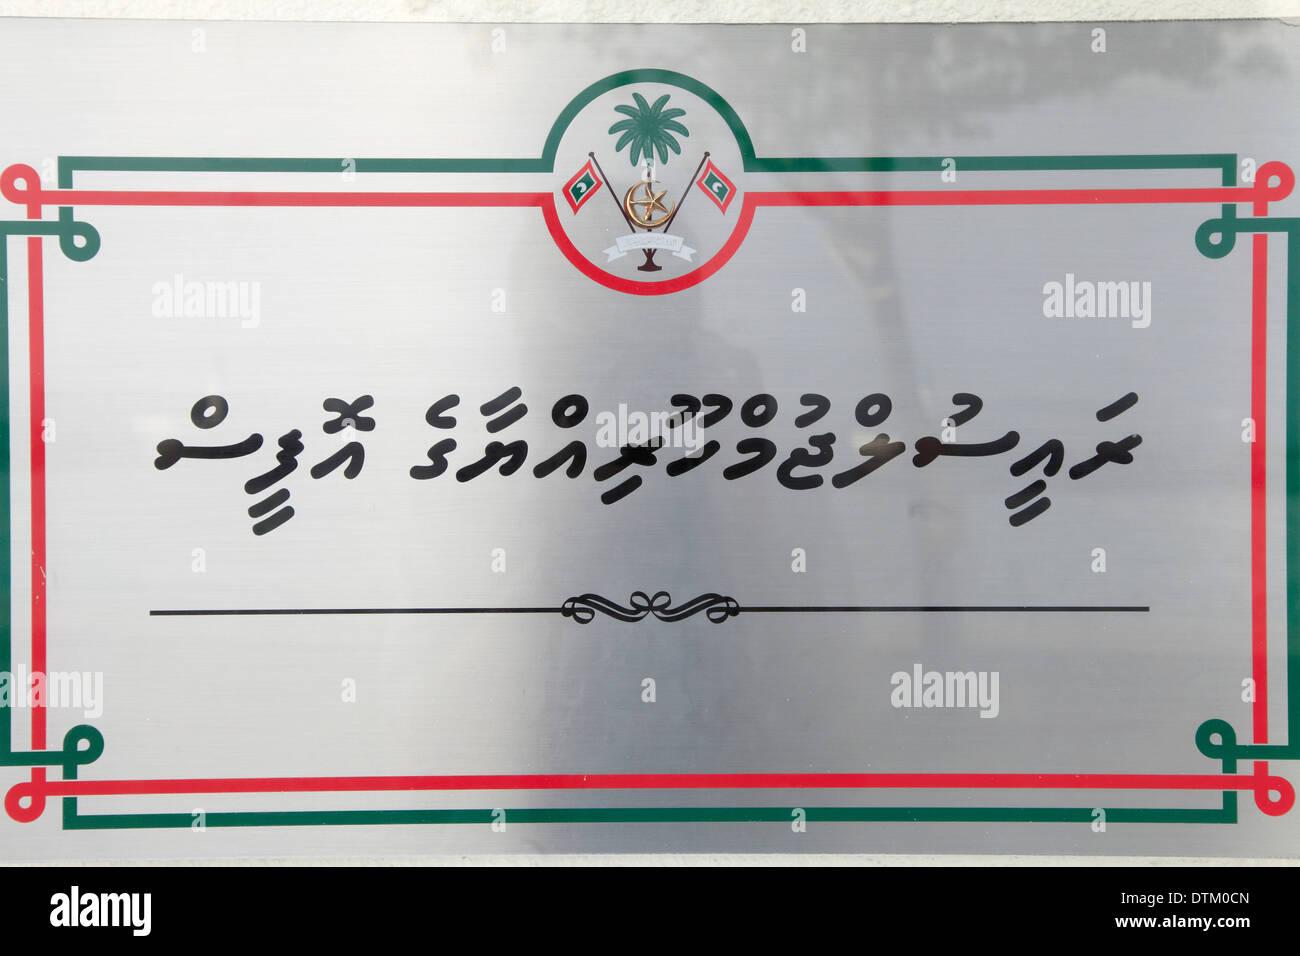 Maldives, Male, The President's Office, Maldive script, - Stock Image